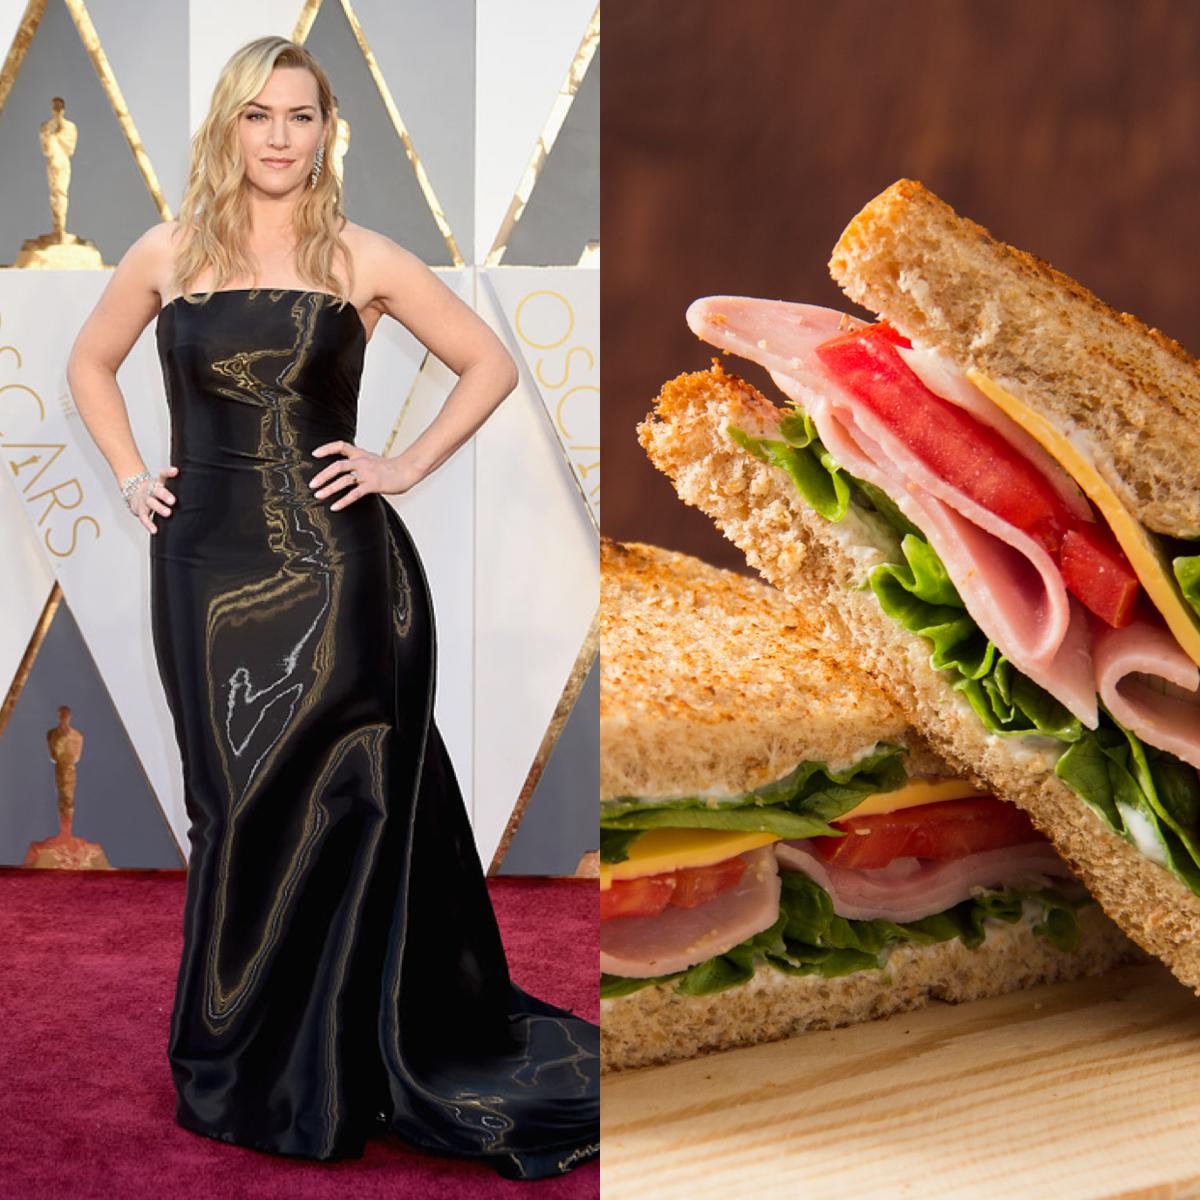 女優を目指す一方で、小さなデリカテッセンでサンドイッチを作っていたケイト・ウィンスレット(43)。エージェントから初めて仕事の電話を受けたときも、サンドイッチを作っている最中だったという。